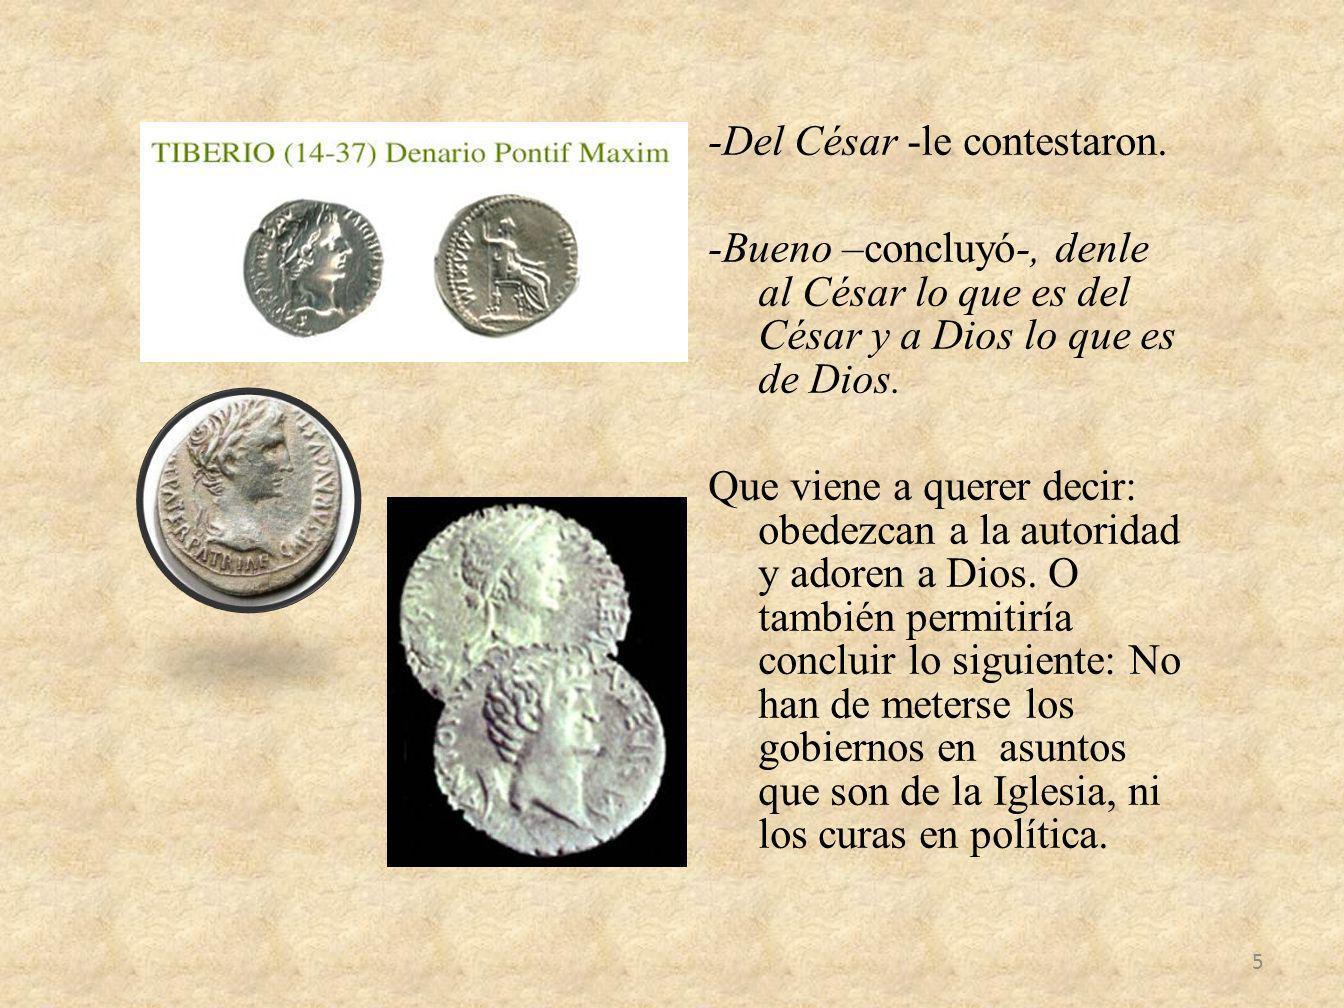 -Del César -le contestaron. -Bueno –concluyó-, denle al César lo que es del César y a Dios lo que es de Dios. Que viene a querer decir: obedezcan a la